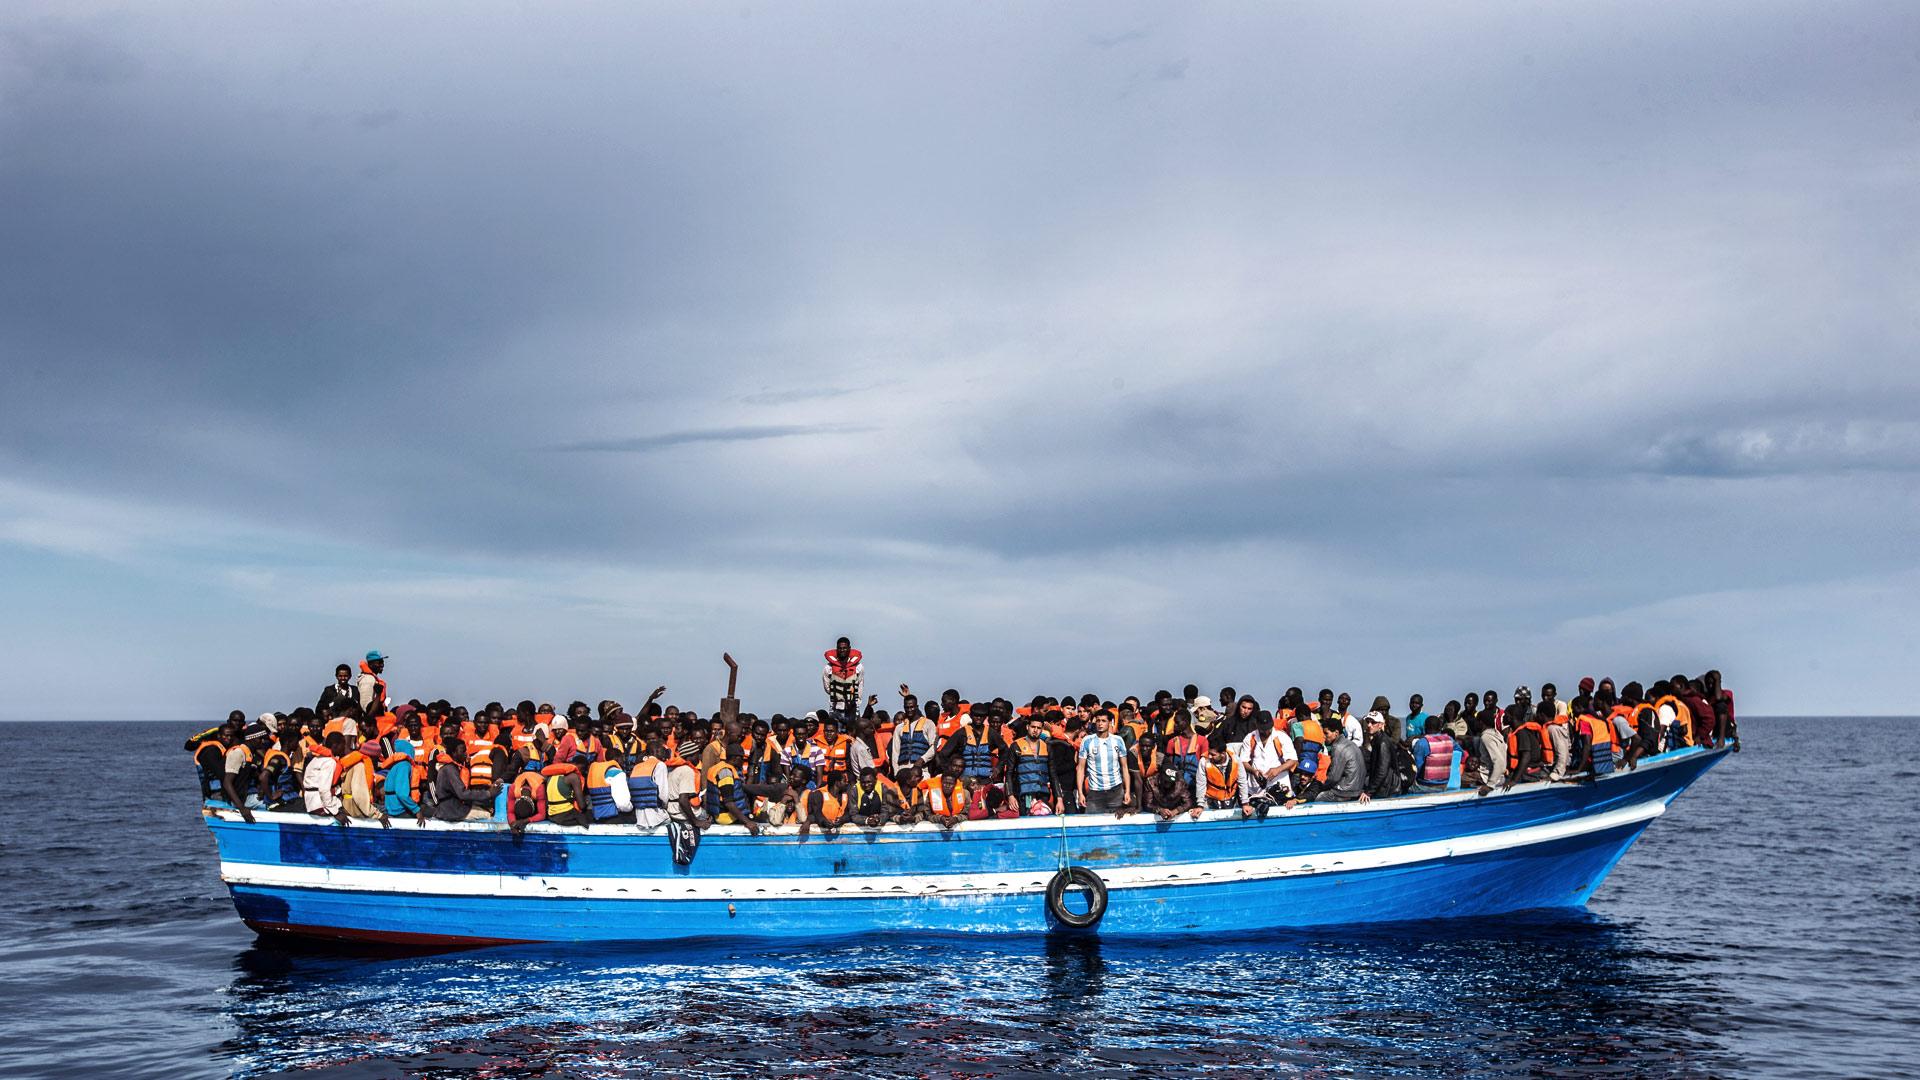 Rifugiati e salute. Dalla tbc alla scabbia, i dati che smentiscono gli allarmi infondati